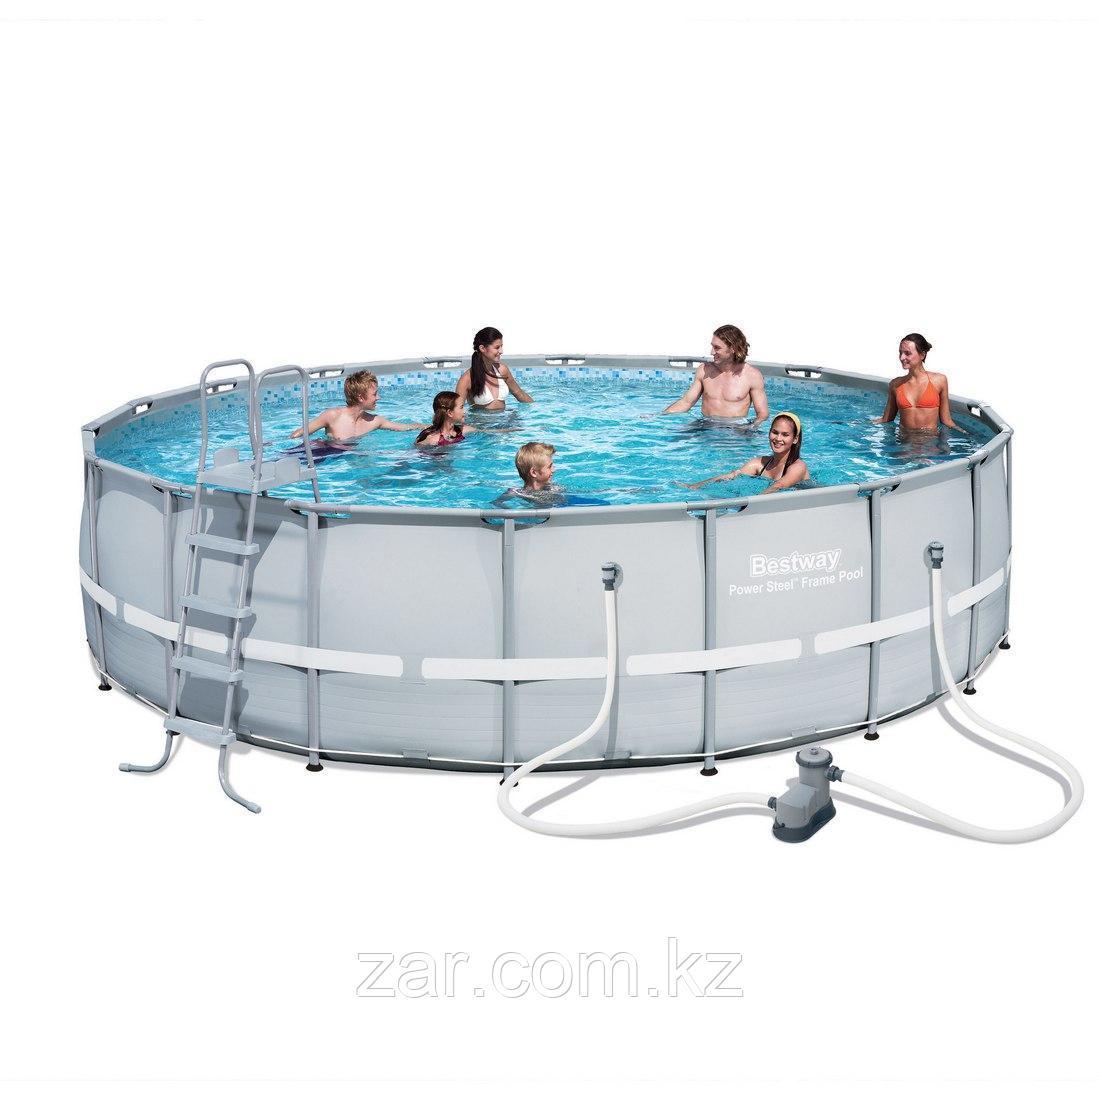 Каркасный бассейн Bestway 56427 549х132 см, 26000 л.,фильтр-насос 5678л/ч, тент, лестница, подстилка.